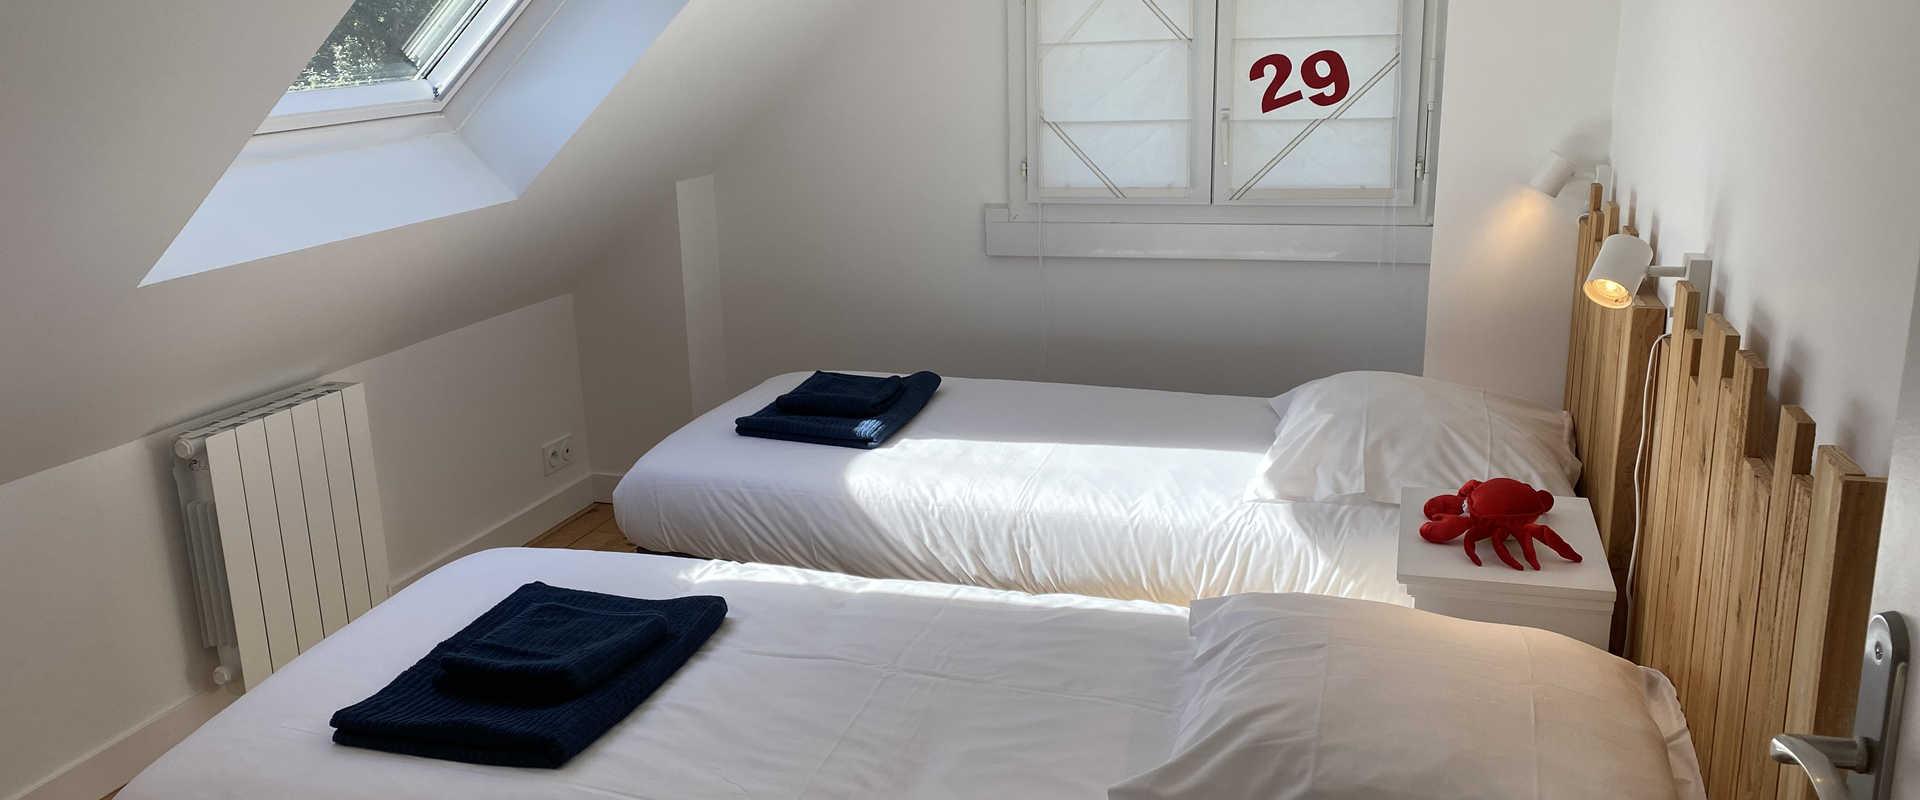 petit-pingouin-5chambre3-etage.jpg